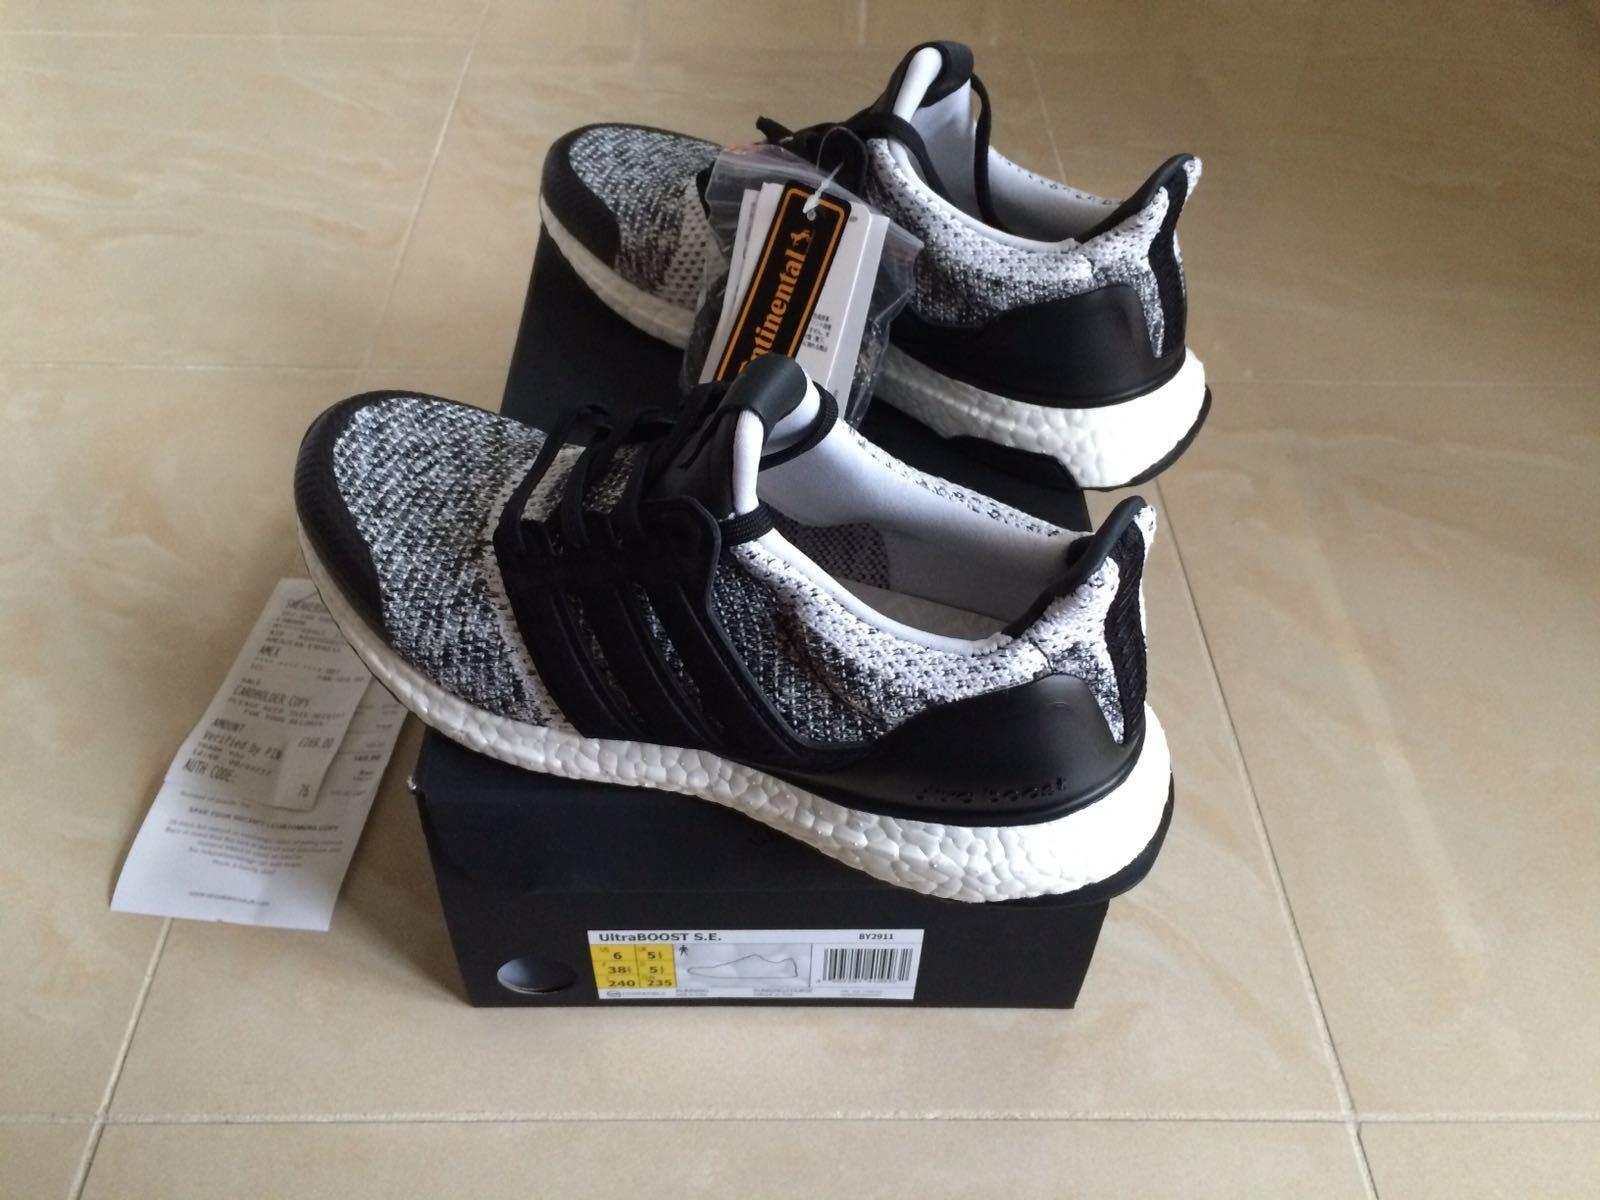 Sns Sns Sns scarpe da ginnasticanstuff x lo status sociale x adidas ultra aumentare dimensioni nuove   Bello e affascinante    Scolaro/Signora Scarpa  dfe540